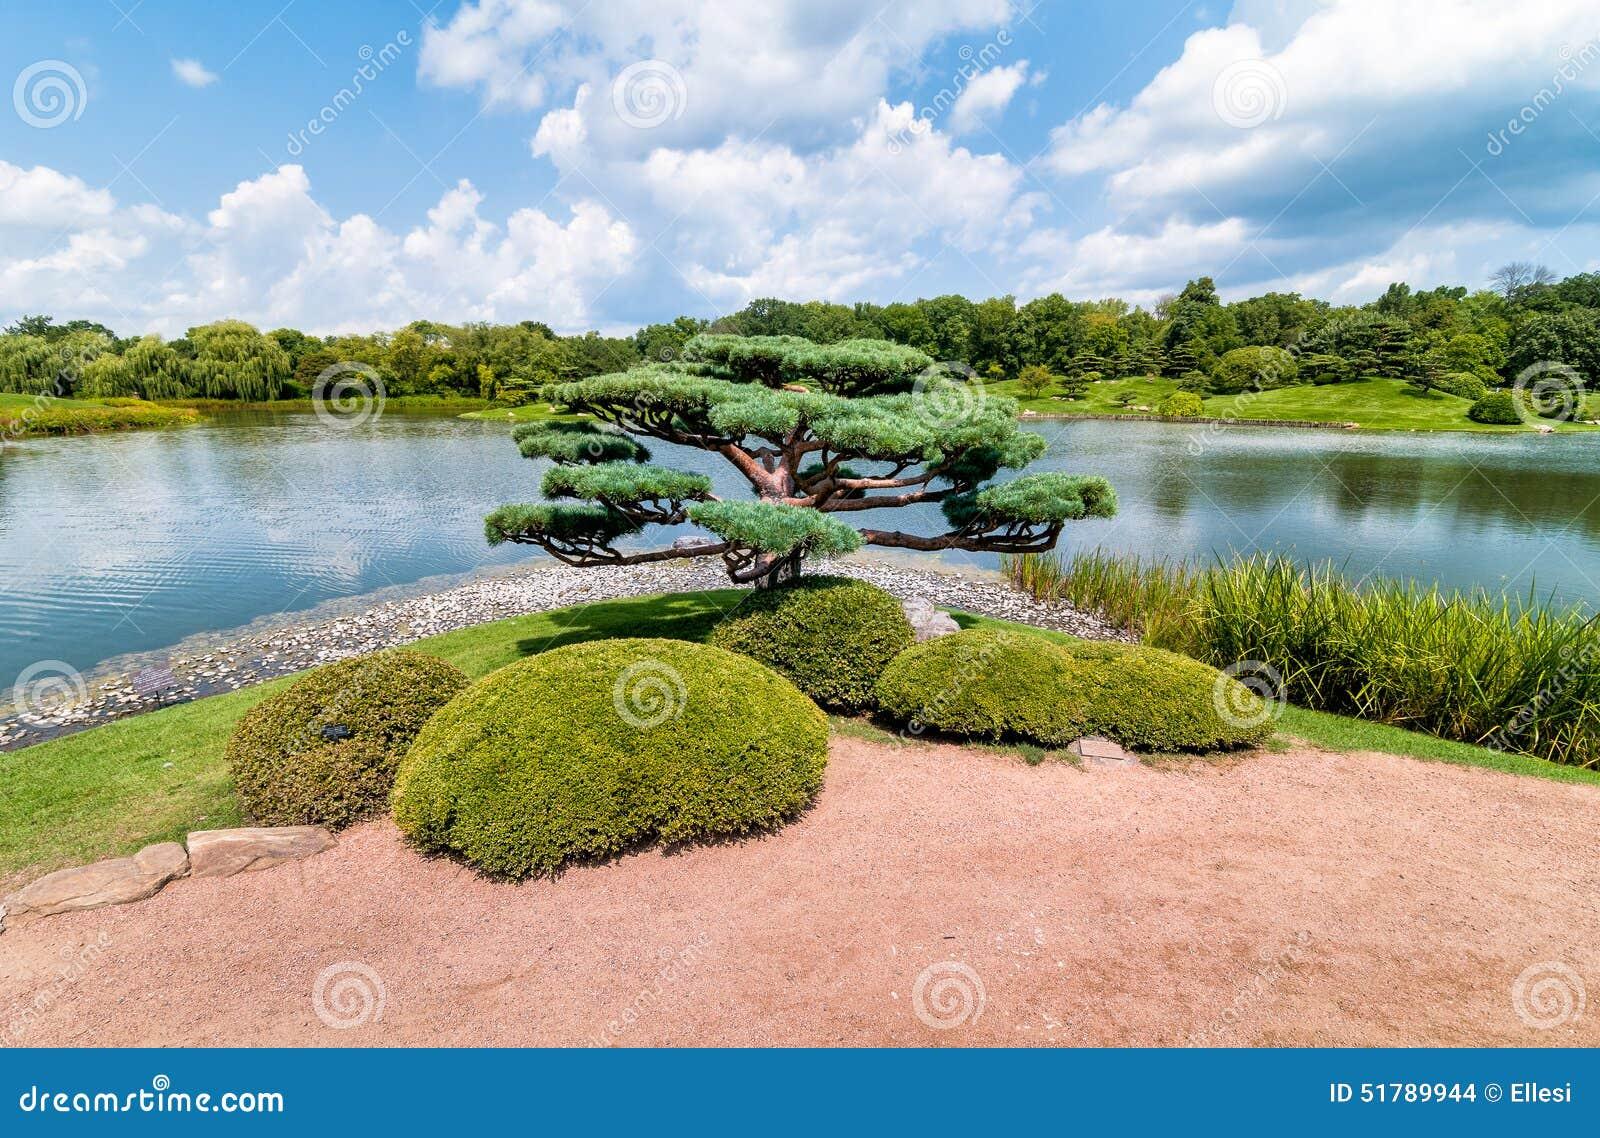 bonsai tree in the japanese garden of chicago botanic garden stock